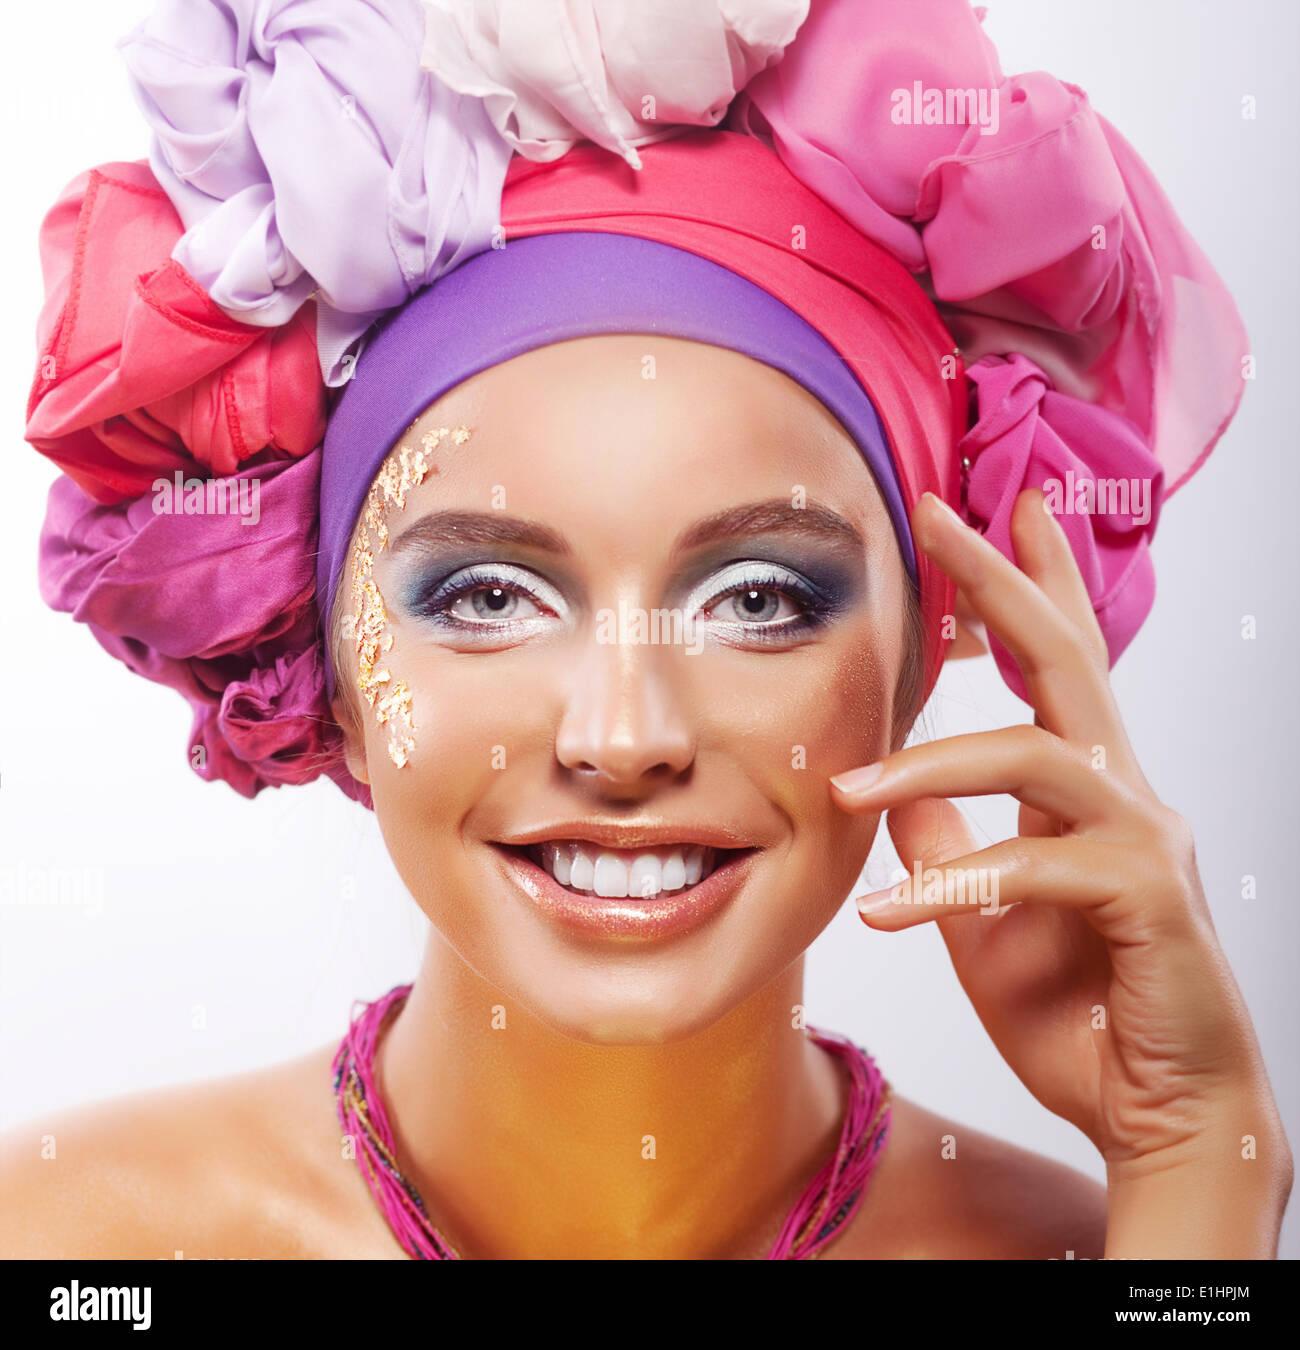 Lebensstil. Schönheit. Porträt des jungen glücklich toothy lächelnde Frau in bunte Kopfbedeckungen Stockfoto